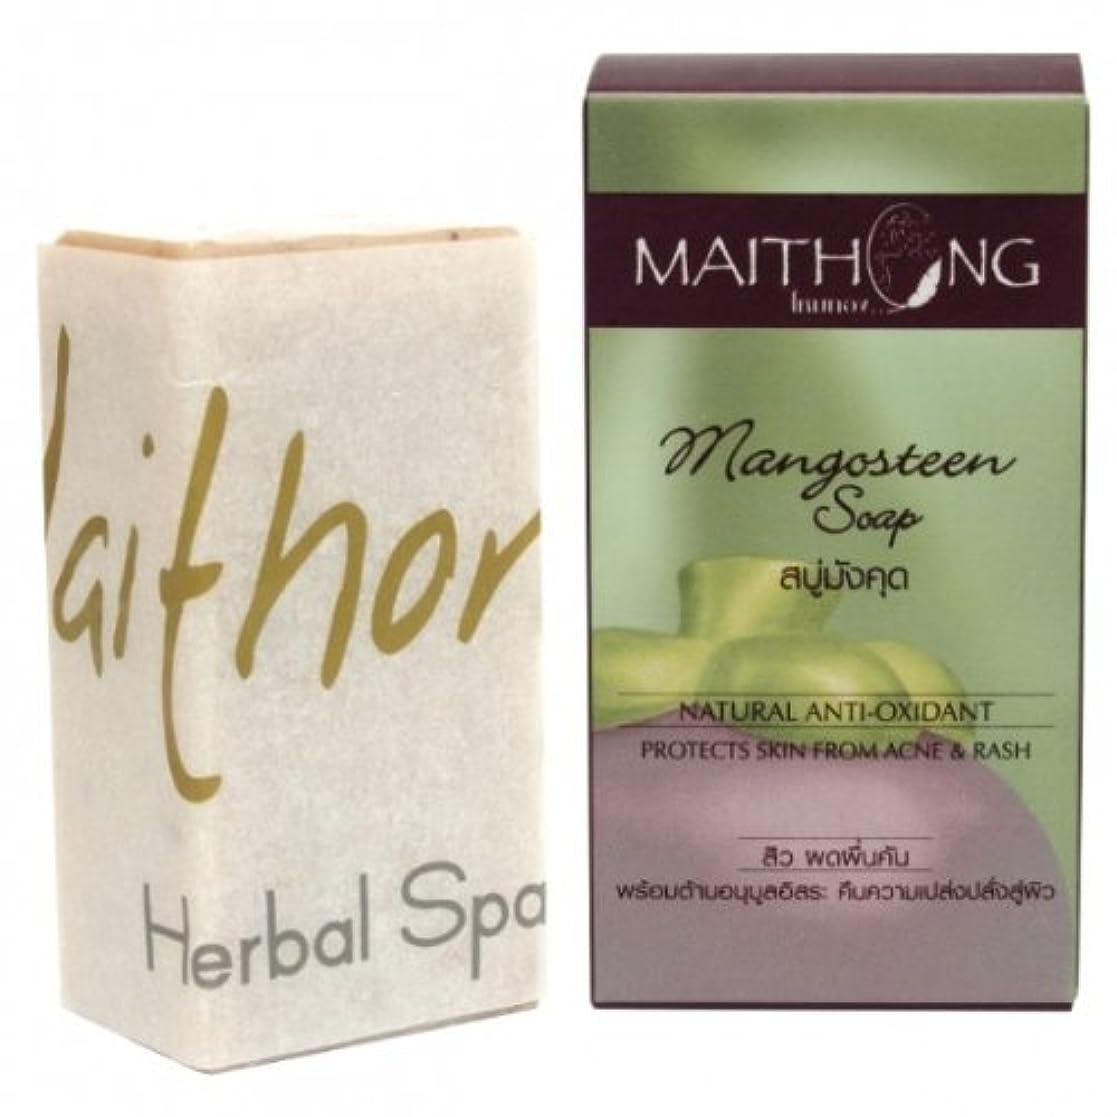 浴ドラフト愛滑らかで芳醇な香りが広がる マンゴスチン石鹸 お得な3個セット 老舗スキンケアブランドMaithong 天然ハーブたっぷり配合 海外直送